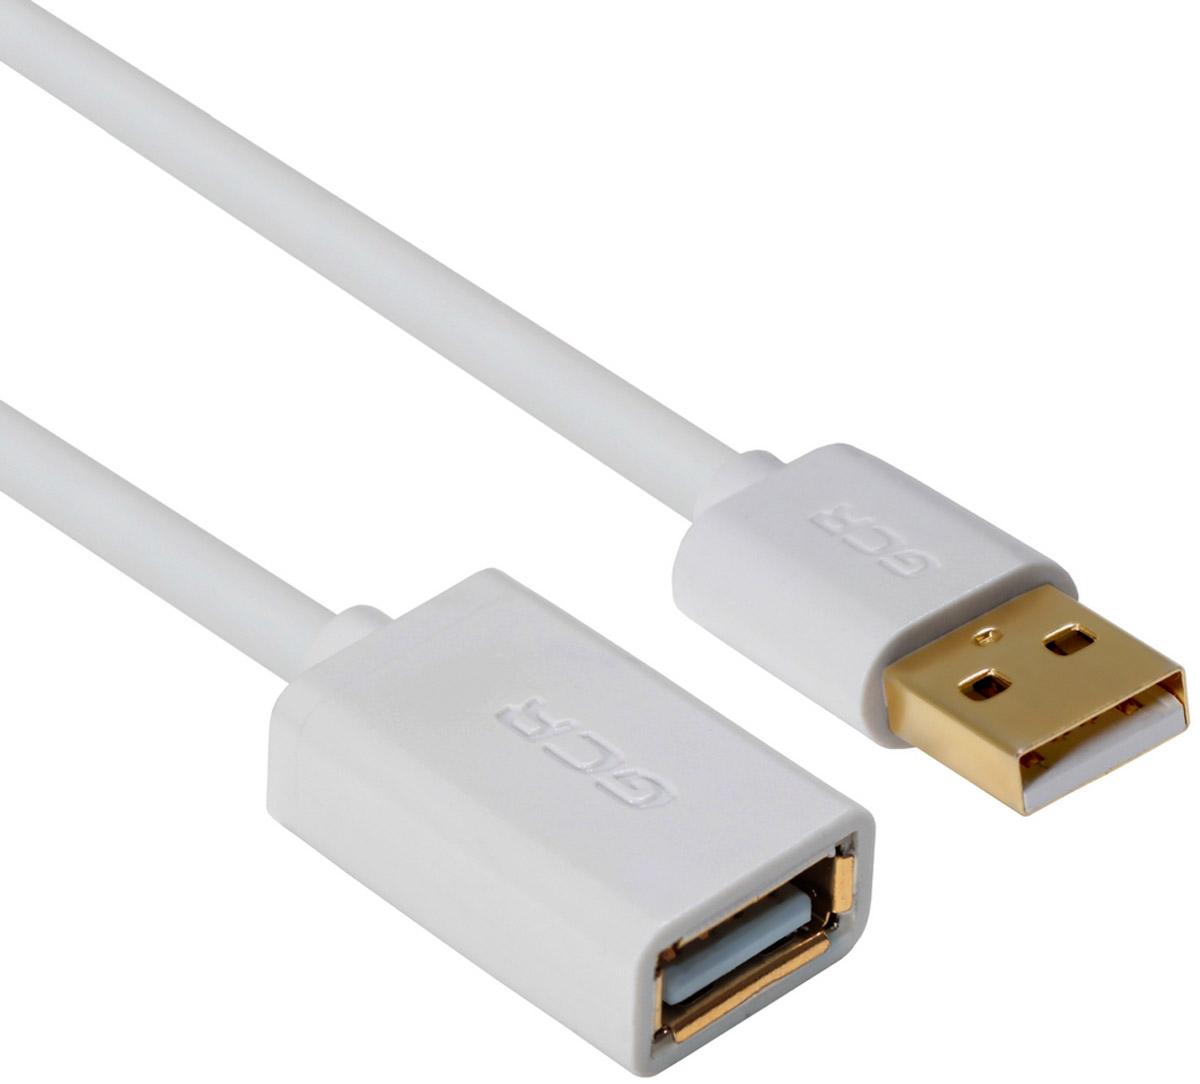 Greenconnect Russia GCR-UEC5M-AAG, White удлинитель USB 2.0 (0,15 м)GCR-UEC5M-AAG-0.15mКабель-удлинитель USB 2.0 Greenconnect Russia GCR-UEC5M-AAG позволит увеличить расстояние до подключаемого устройства. Может быть использован с различными USB девайсами. Экранирование кабеля защищает сигнал при передаче от влияния внешних полей, способных создать помехи.